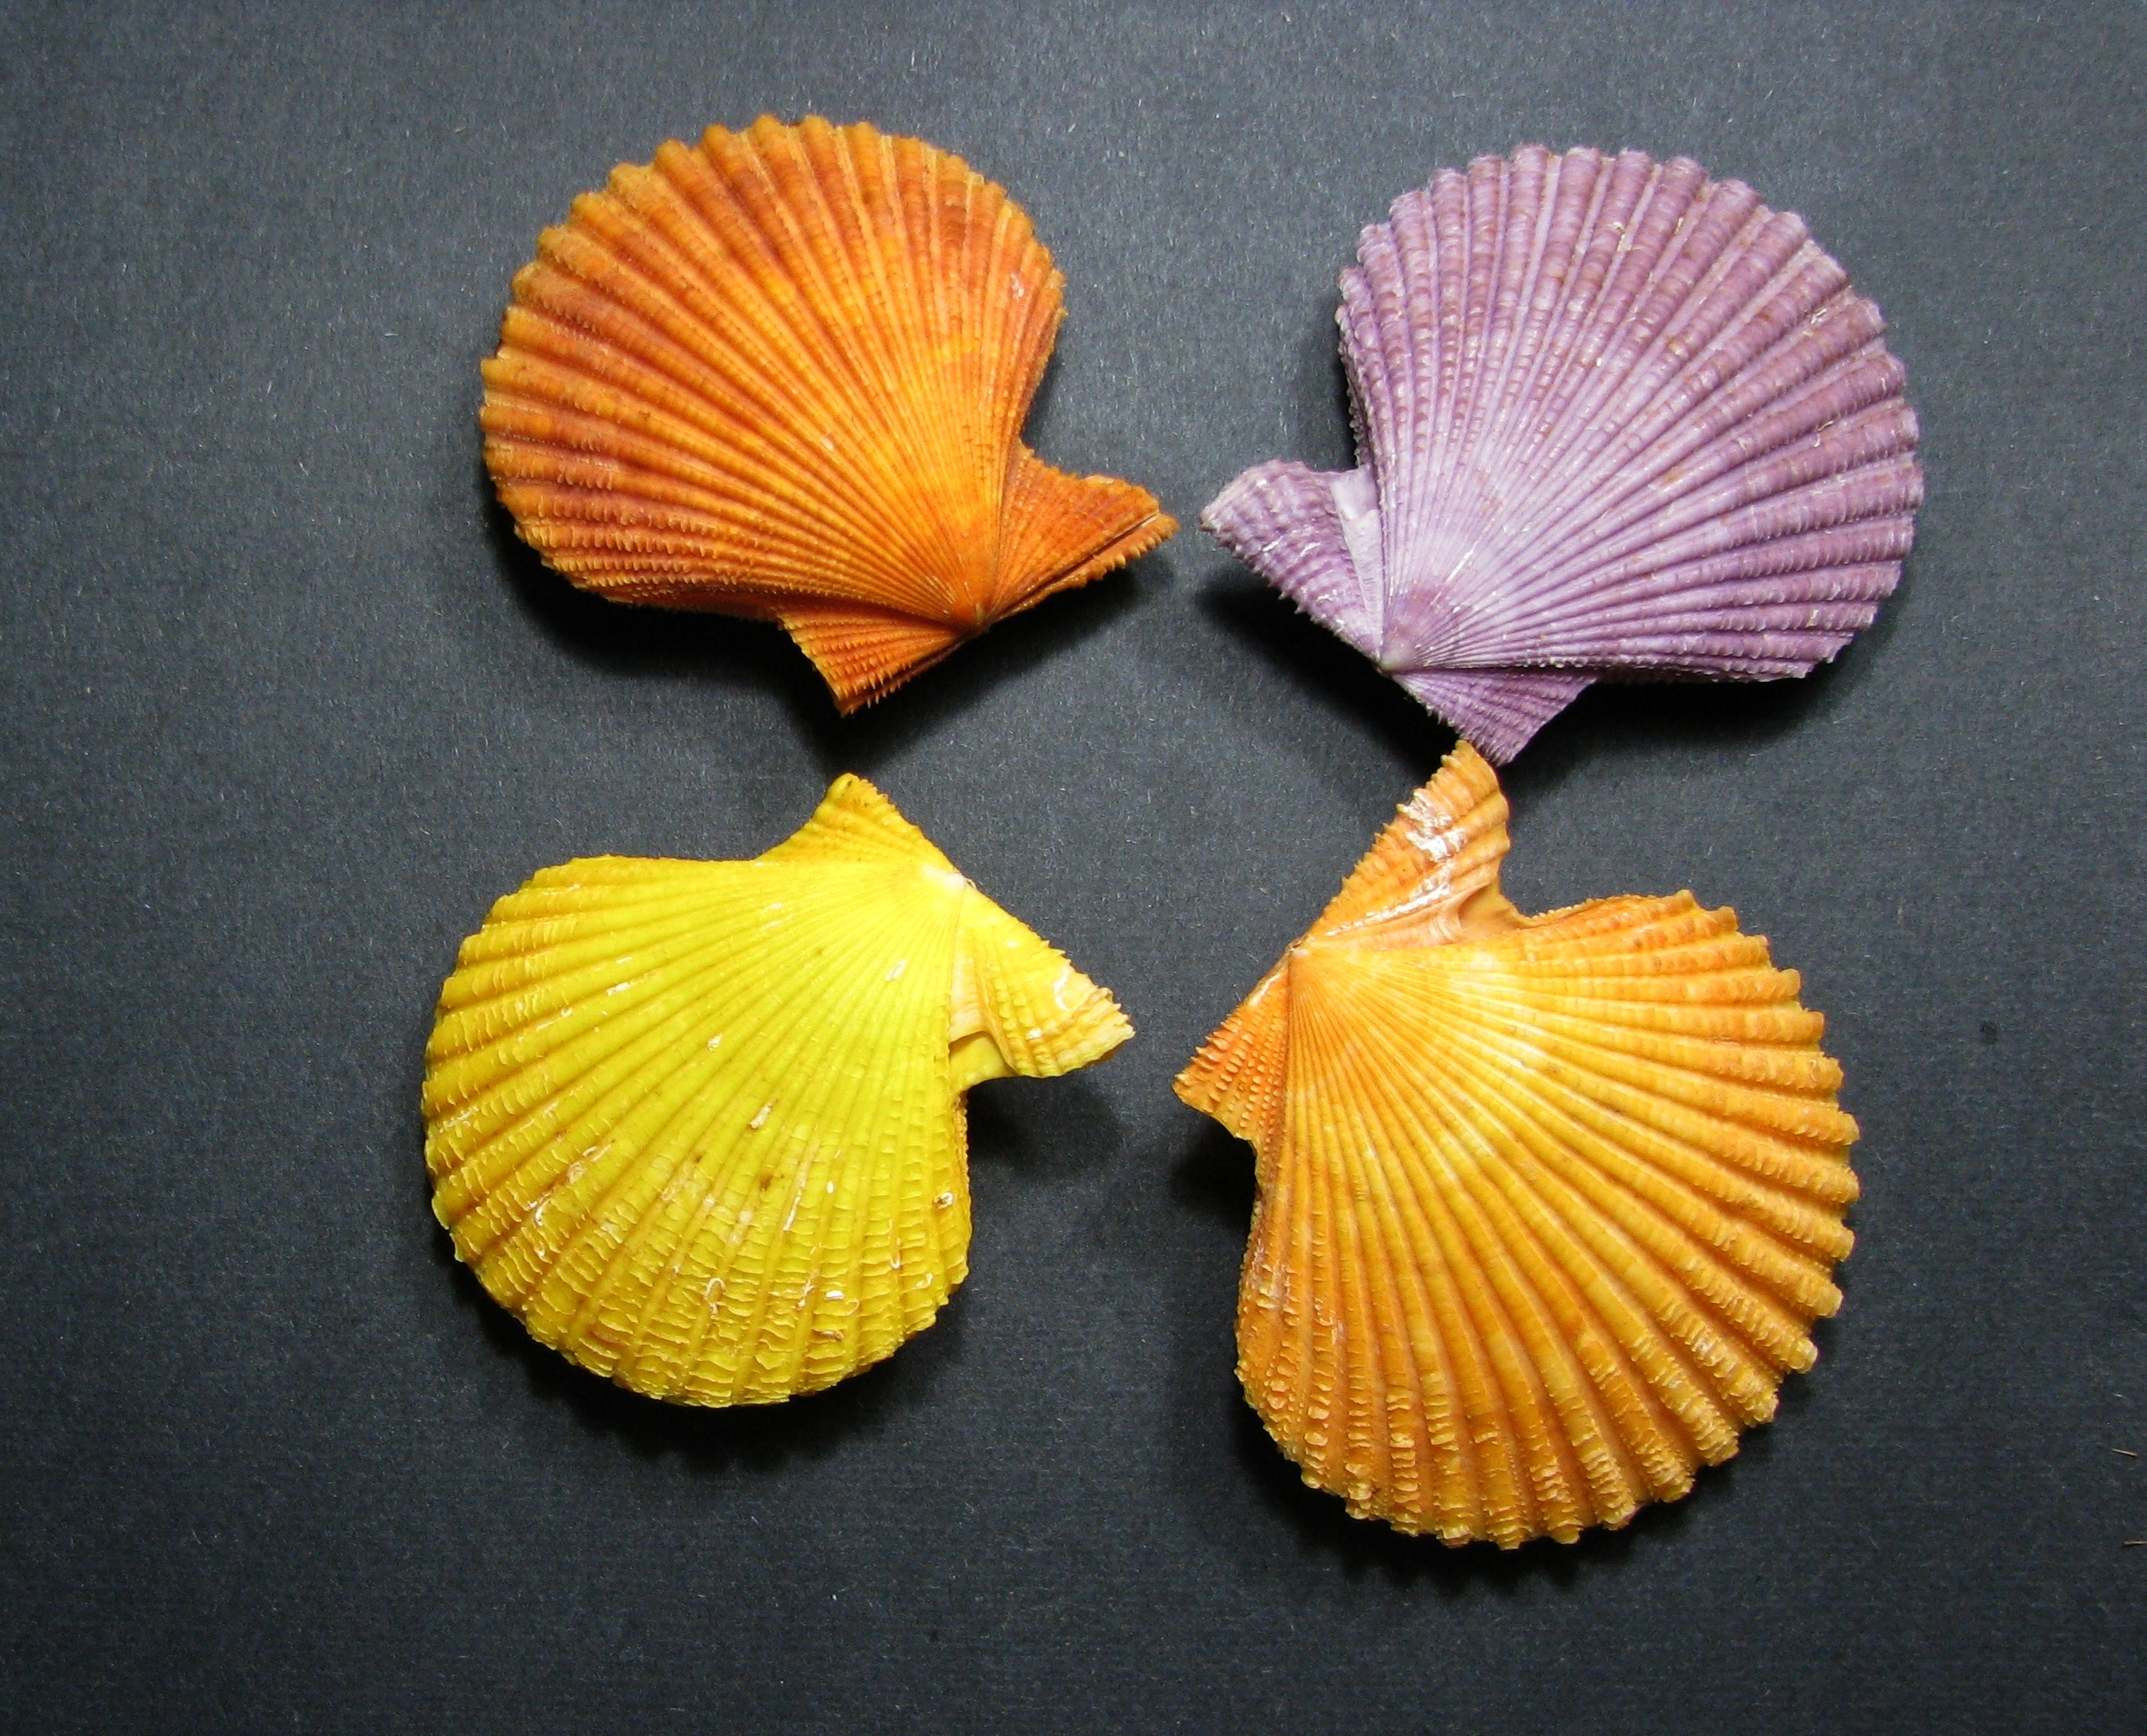 Слика од <i>Mimachlamys crassicostata</i> (Sowerby II 1842)